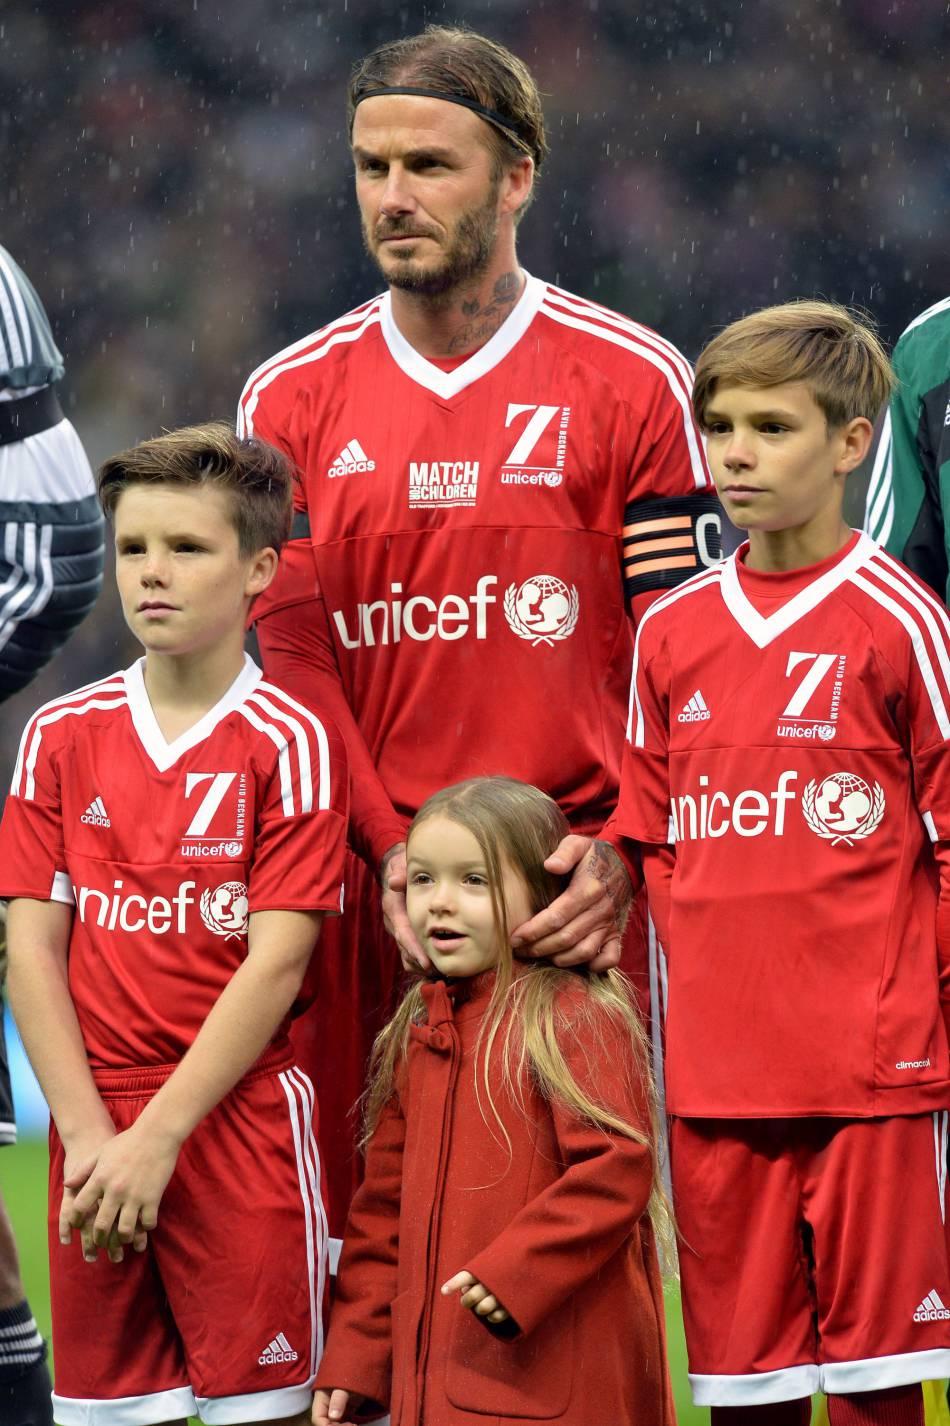 Harper Seven Beckham a bien grandi et semble ravie d'être aux côtés de son papa et de ses grands frères, Cruz et Romeo.